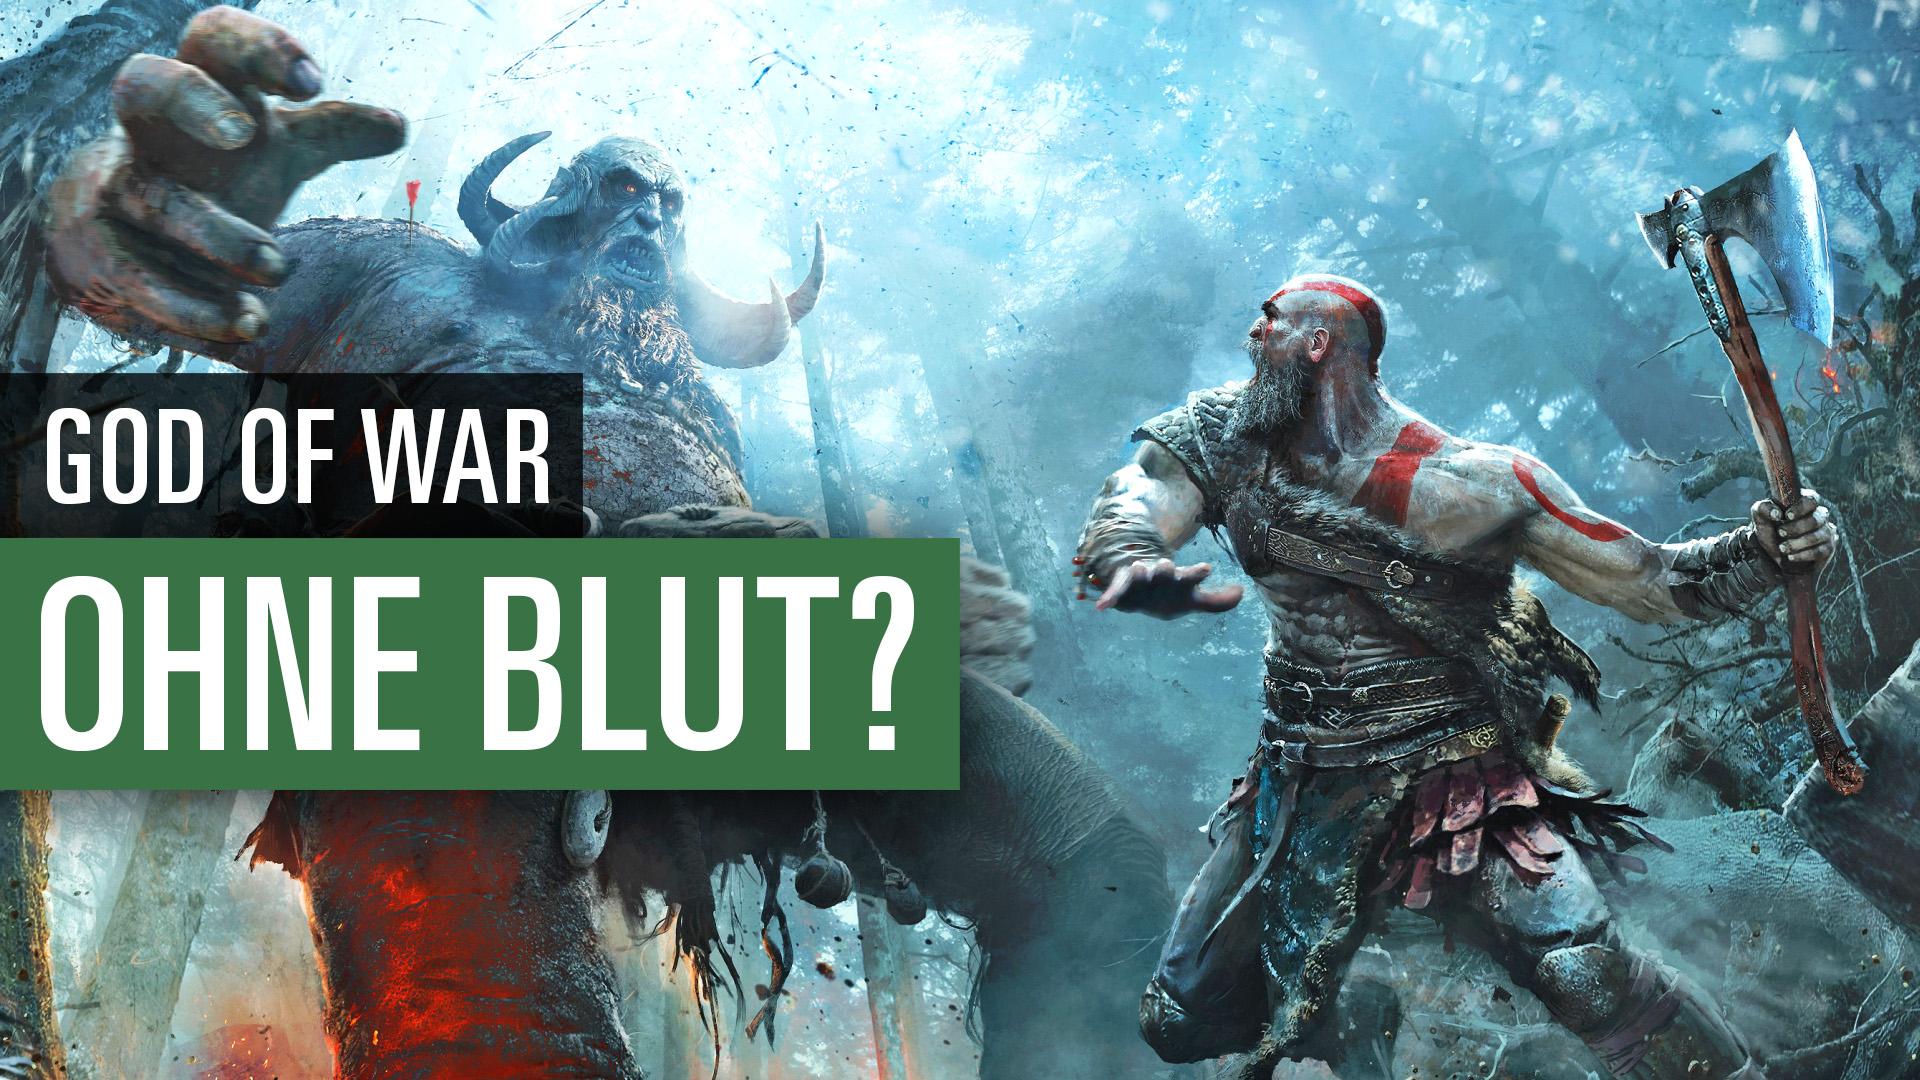 God Of War 2018 Kein Rotes Blut Aber Uncut Die Gewaltdarstellung Im Ps4 Spiel